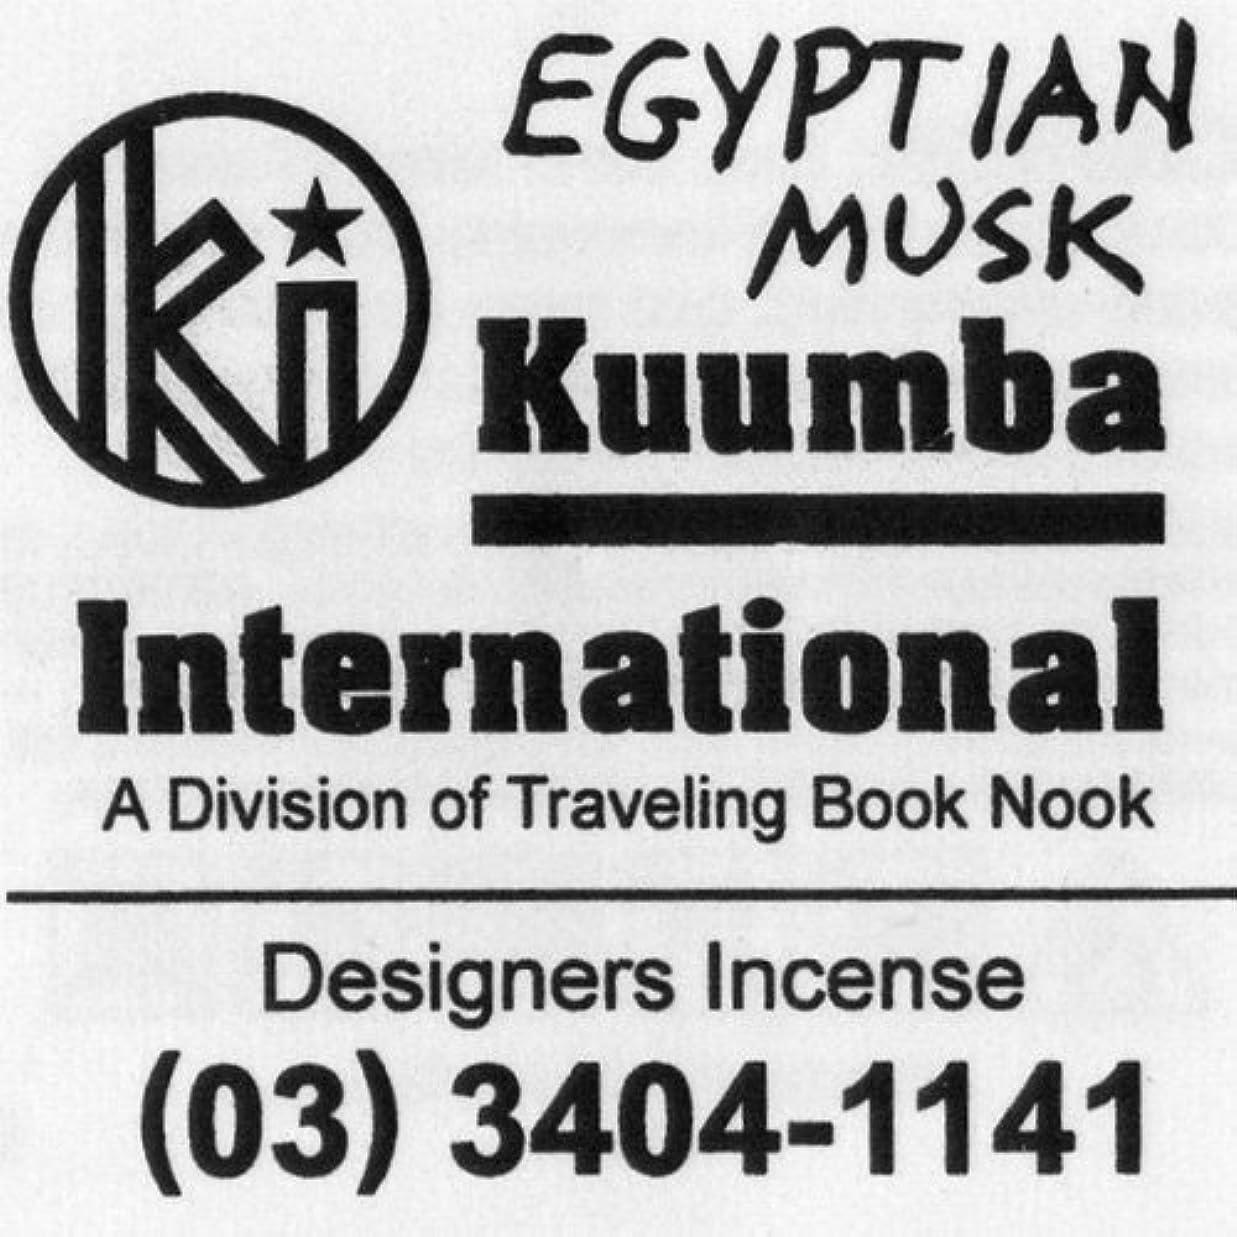 報いる命令的くしゃくしゃKUUMBA/クンバ『incense』(EGYPTIAN MUSK エジプシャンムスク) (Regular size レギュラーサイズ)